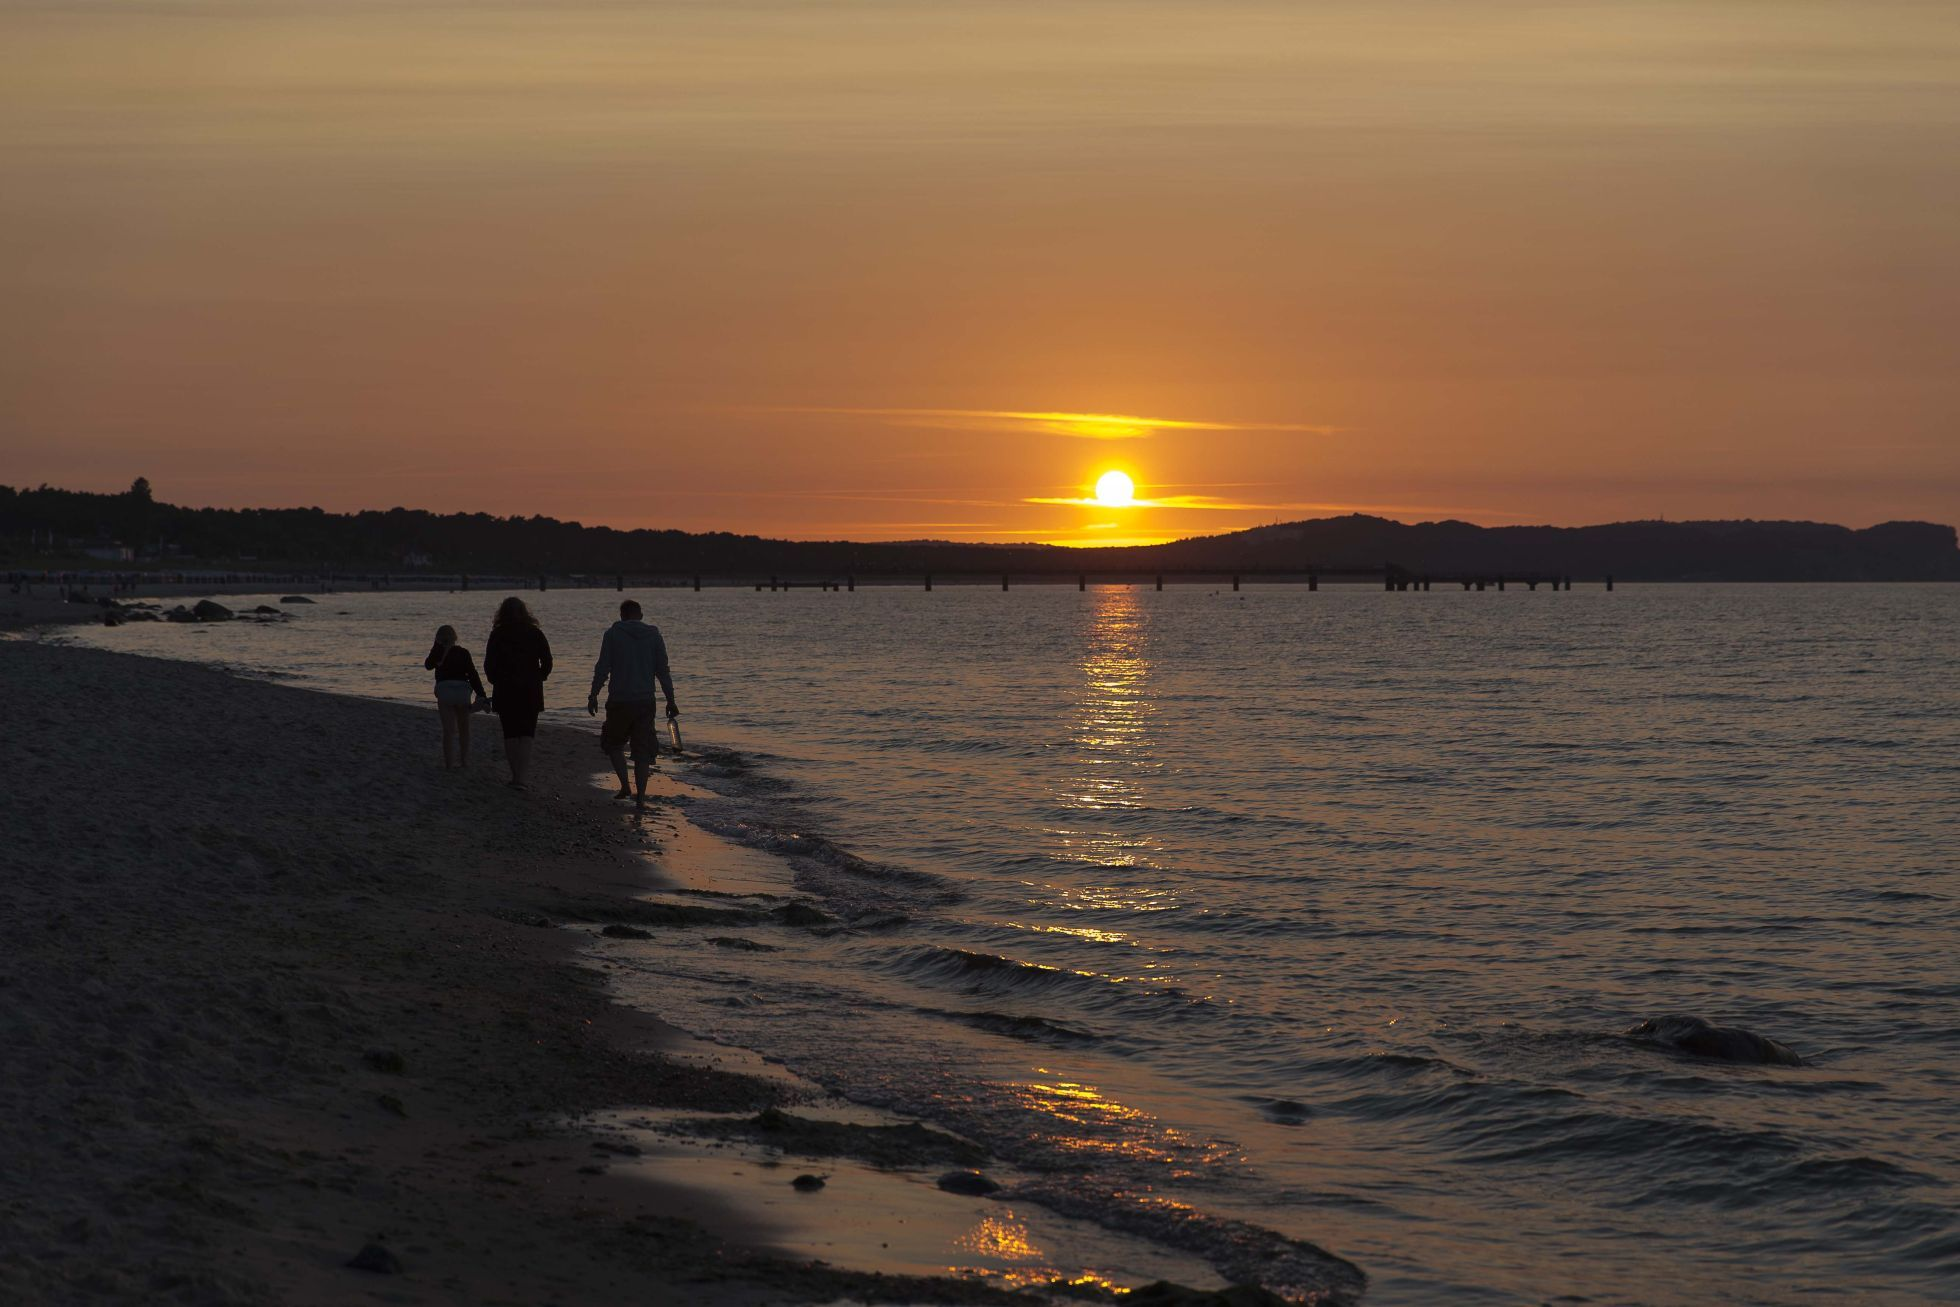 Nichtraucher-, Hunde- & Badestrand  - 24 Strandzugänge auf einer Länge von ca. 1,5 Kilometern ...